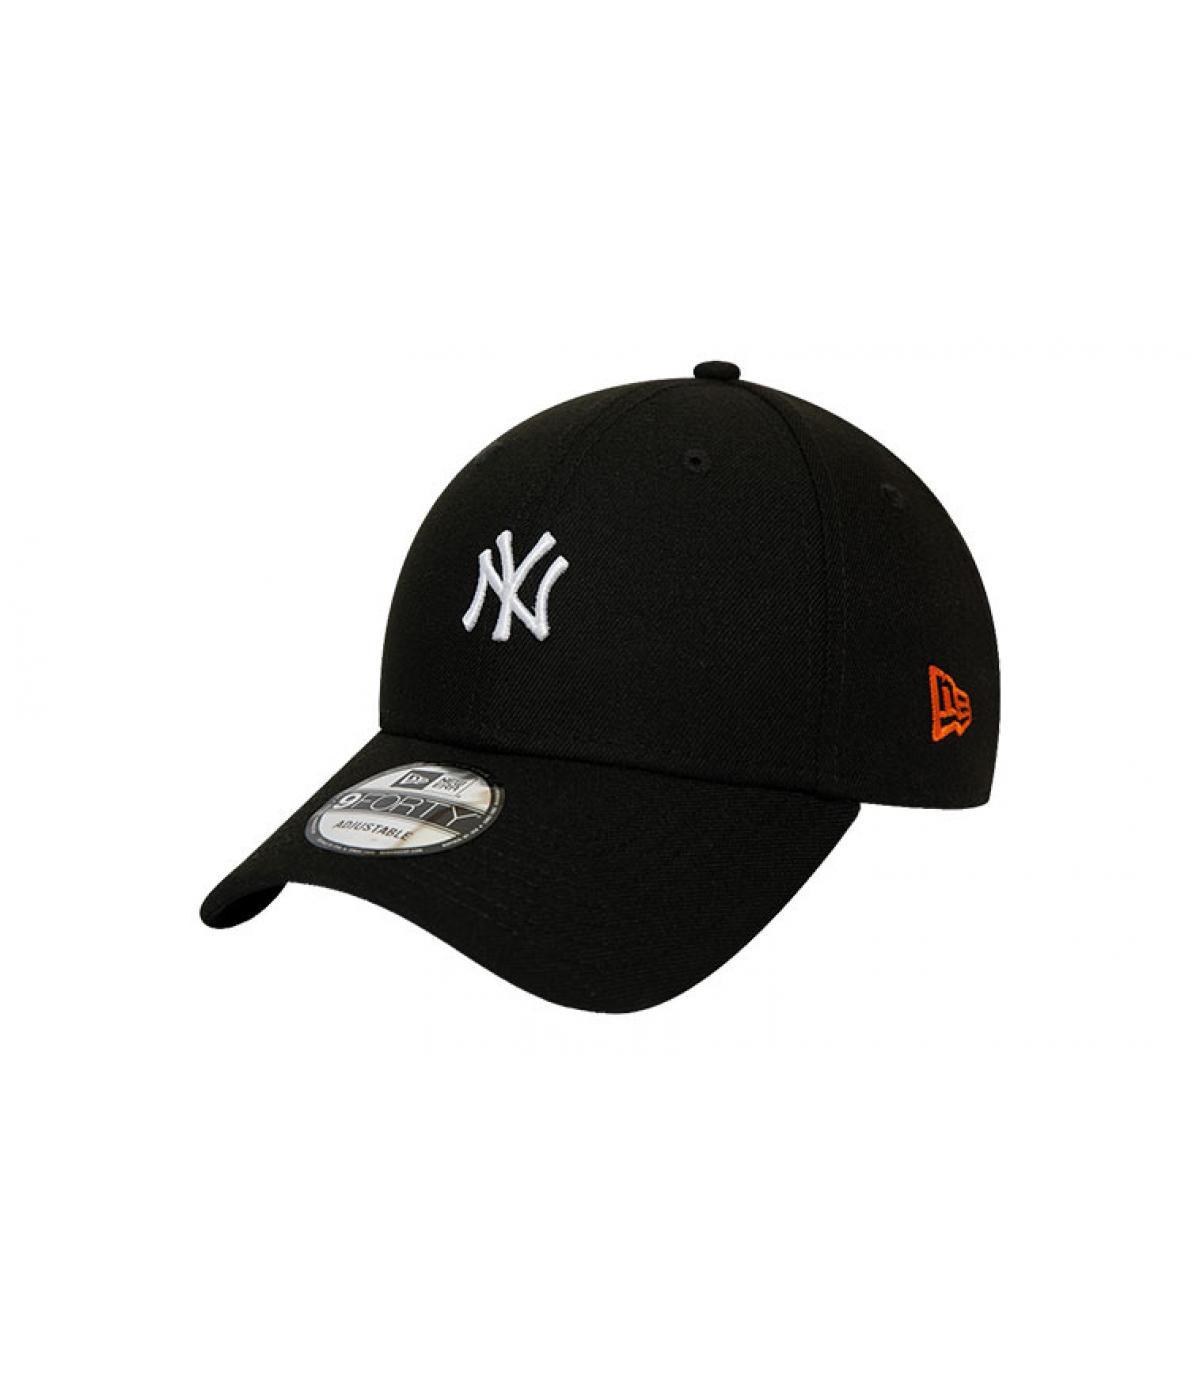 zwarte NY cap Japan